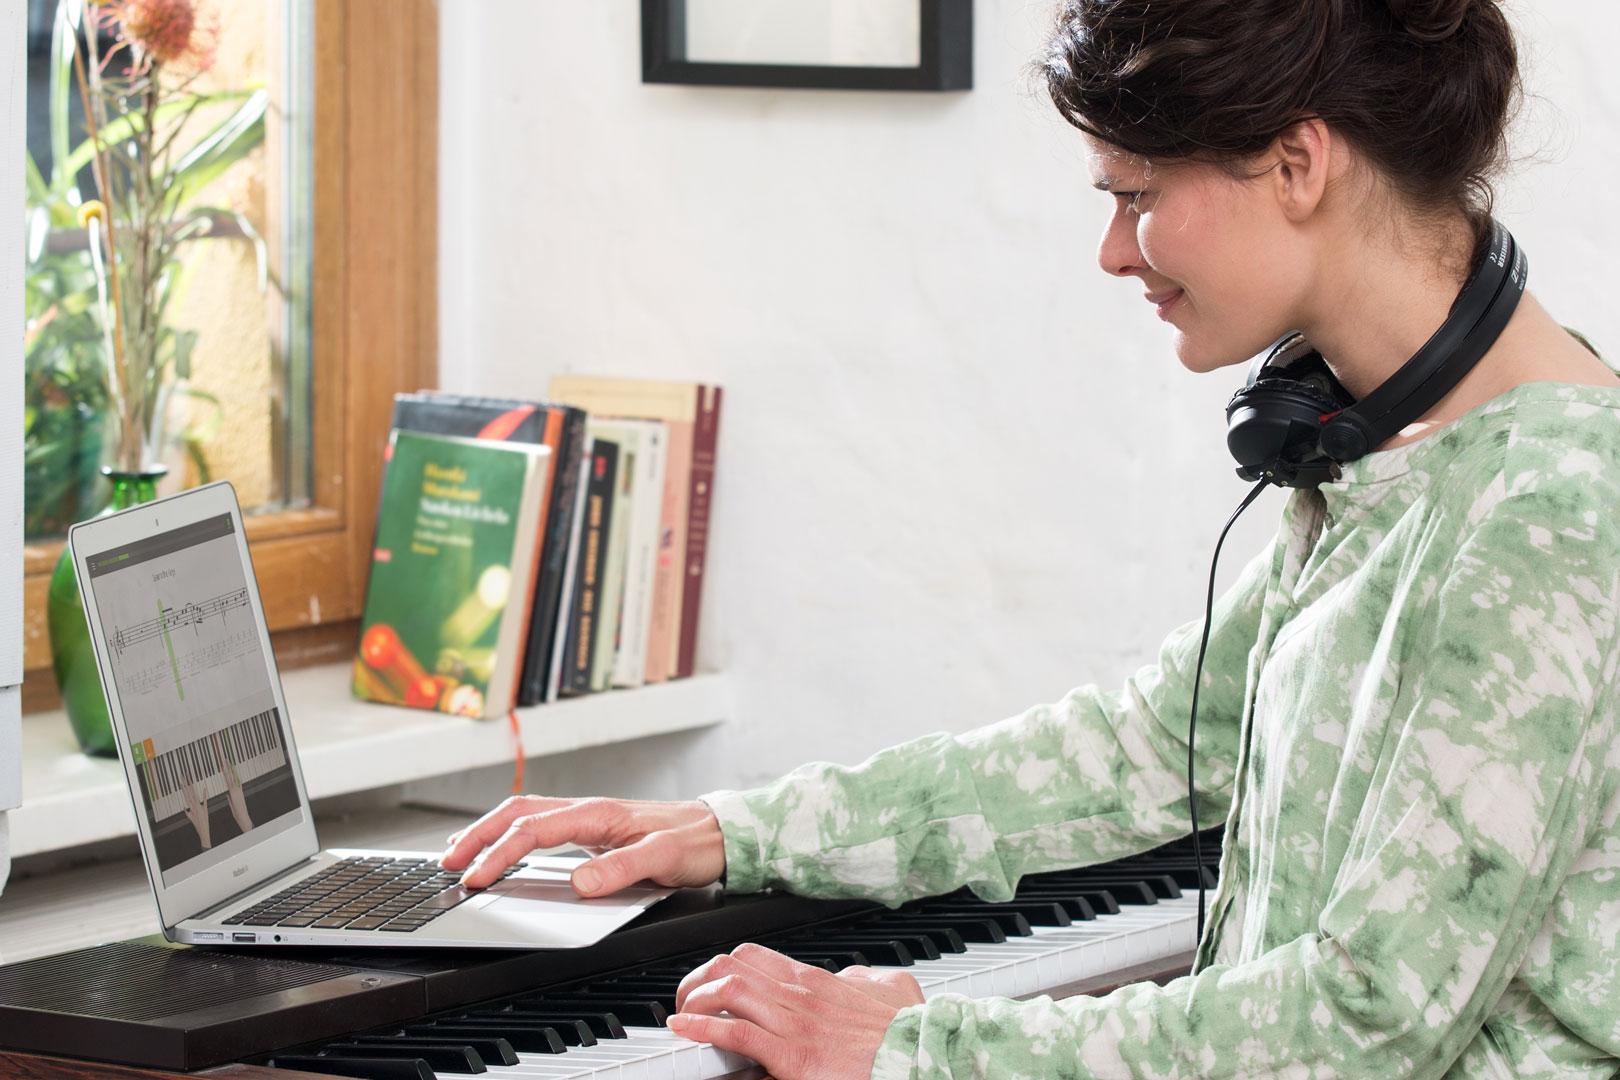 Skoove veröffentlicht nun Klavier App für Android